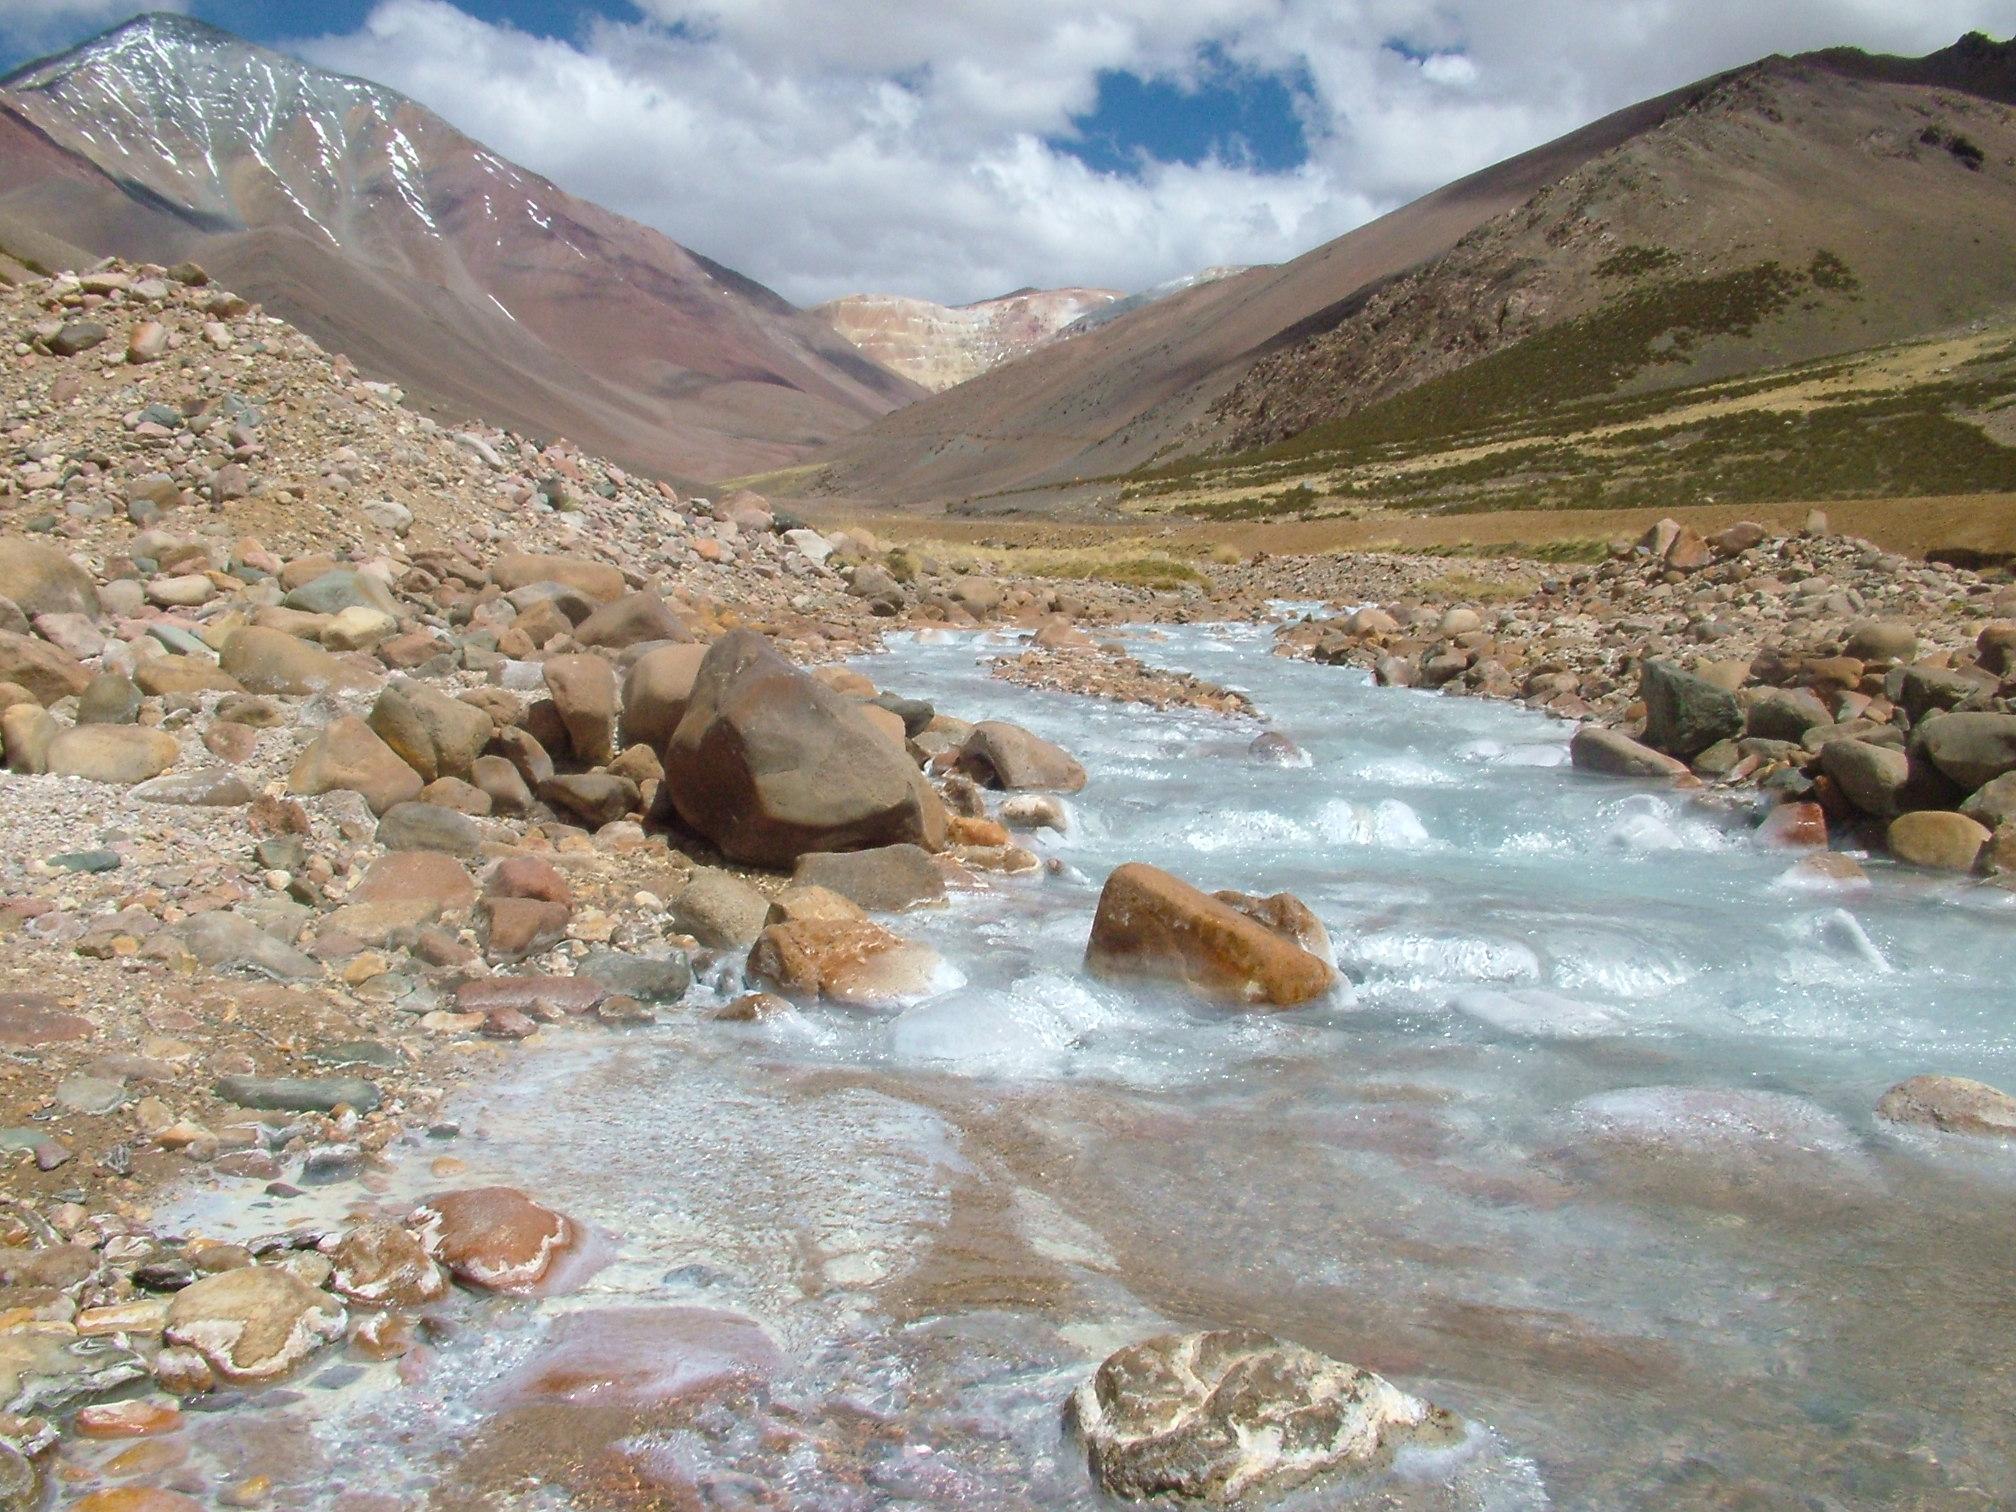 Denuncian supuesta contaminación de aguas del río por proyecto El Encierro